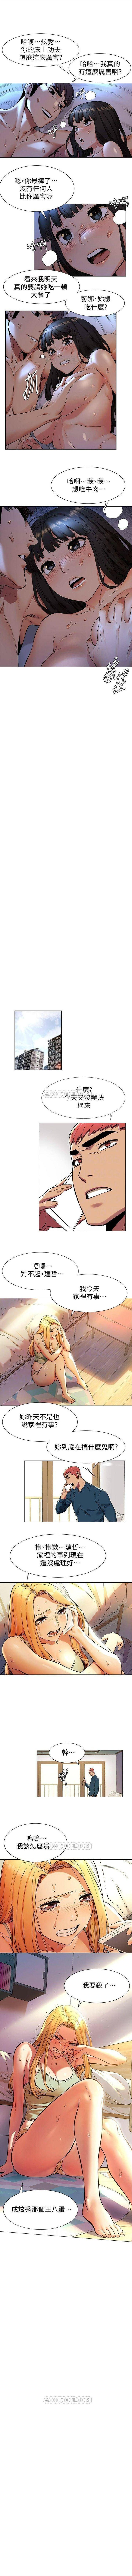 (週5)衝突 1-91 中文翻譯 (更新中) 451